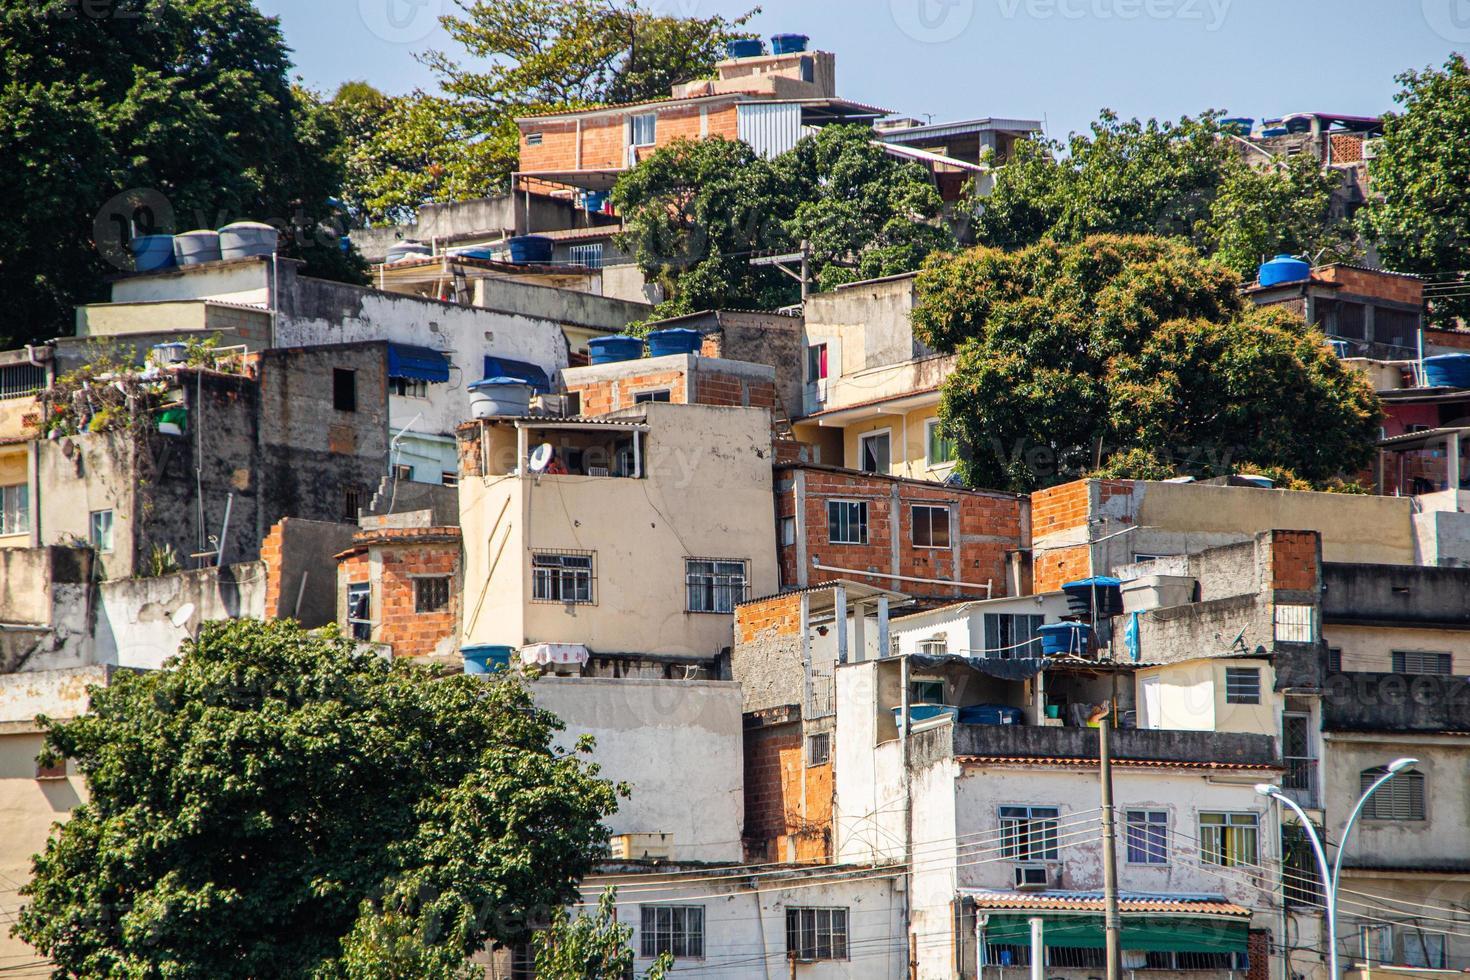 colina da coroa localizada no bairro do catumbi no rio de janeiro. foto